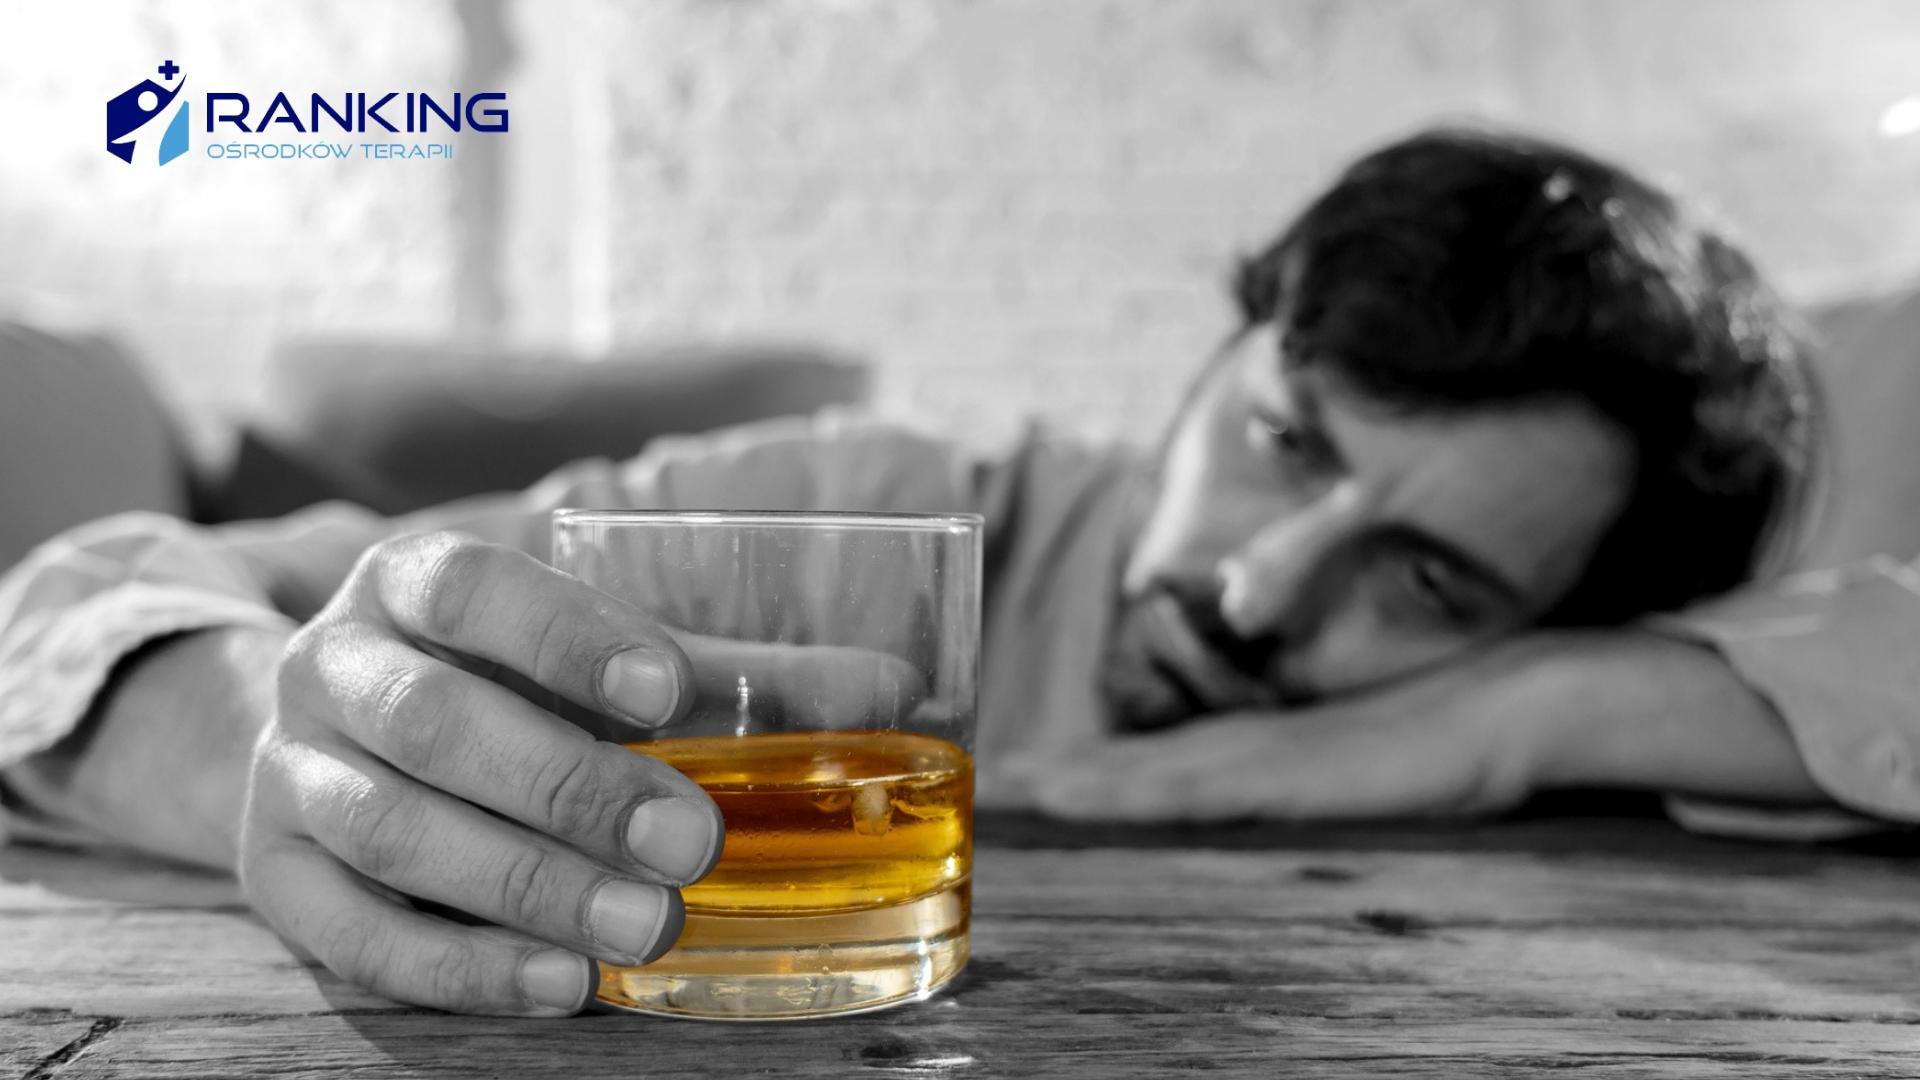 umawiać się z dwubiegunowym alkoholikiemnepalski serwis randkowy w Australii